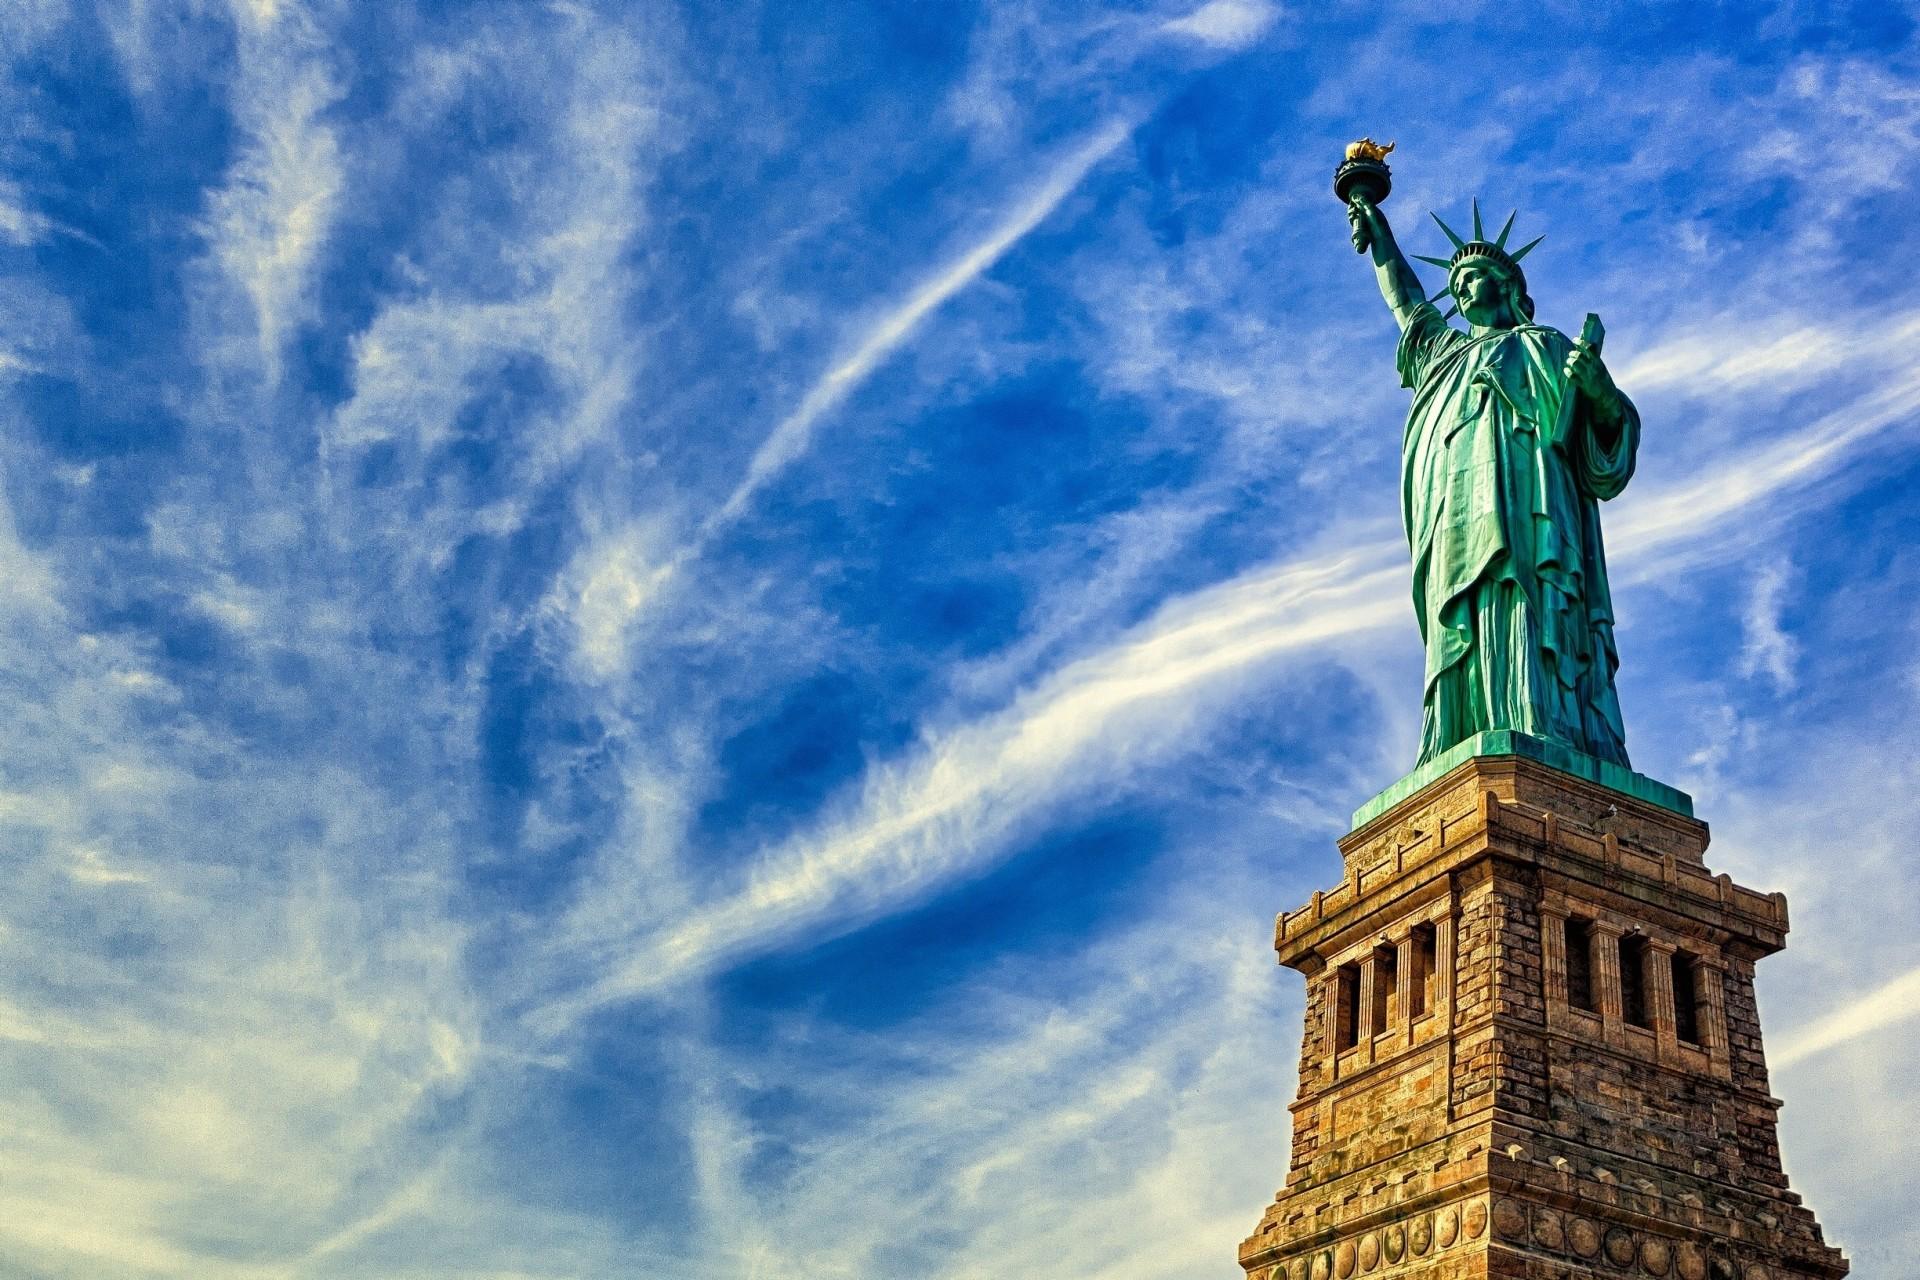 красивые картинки статуя свободы шишка очень